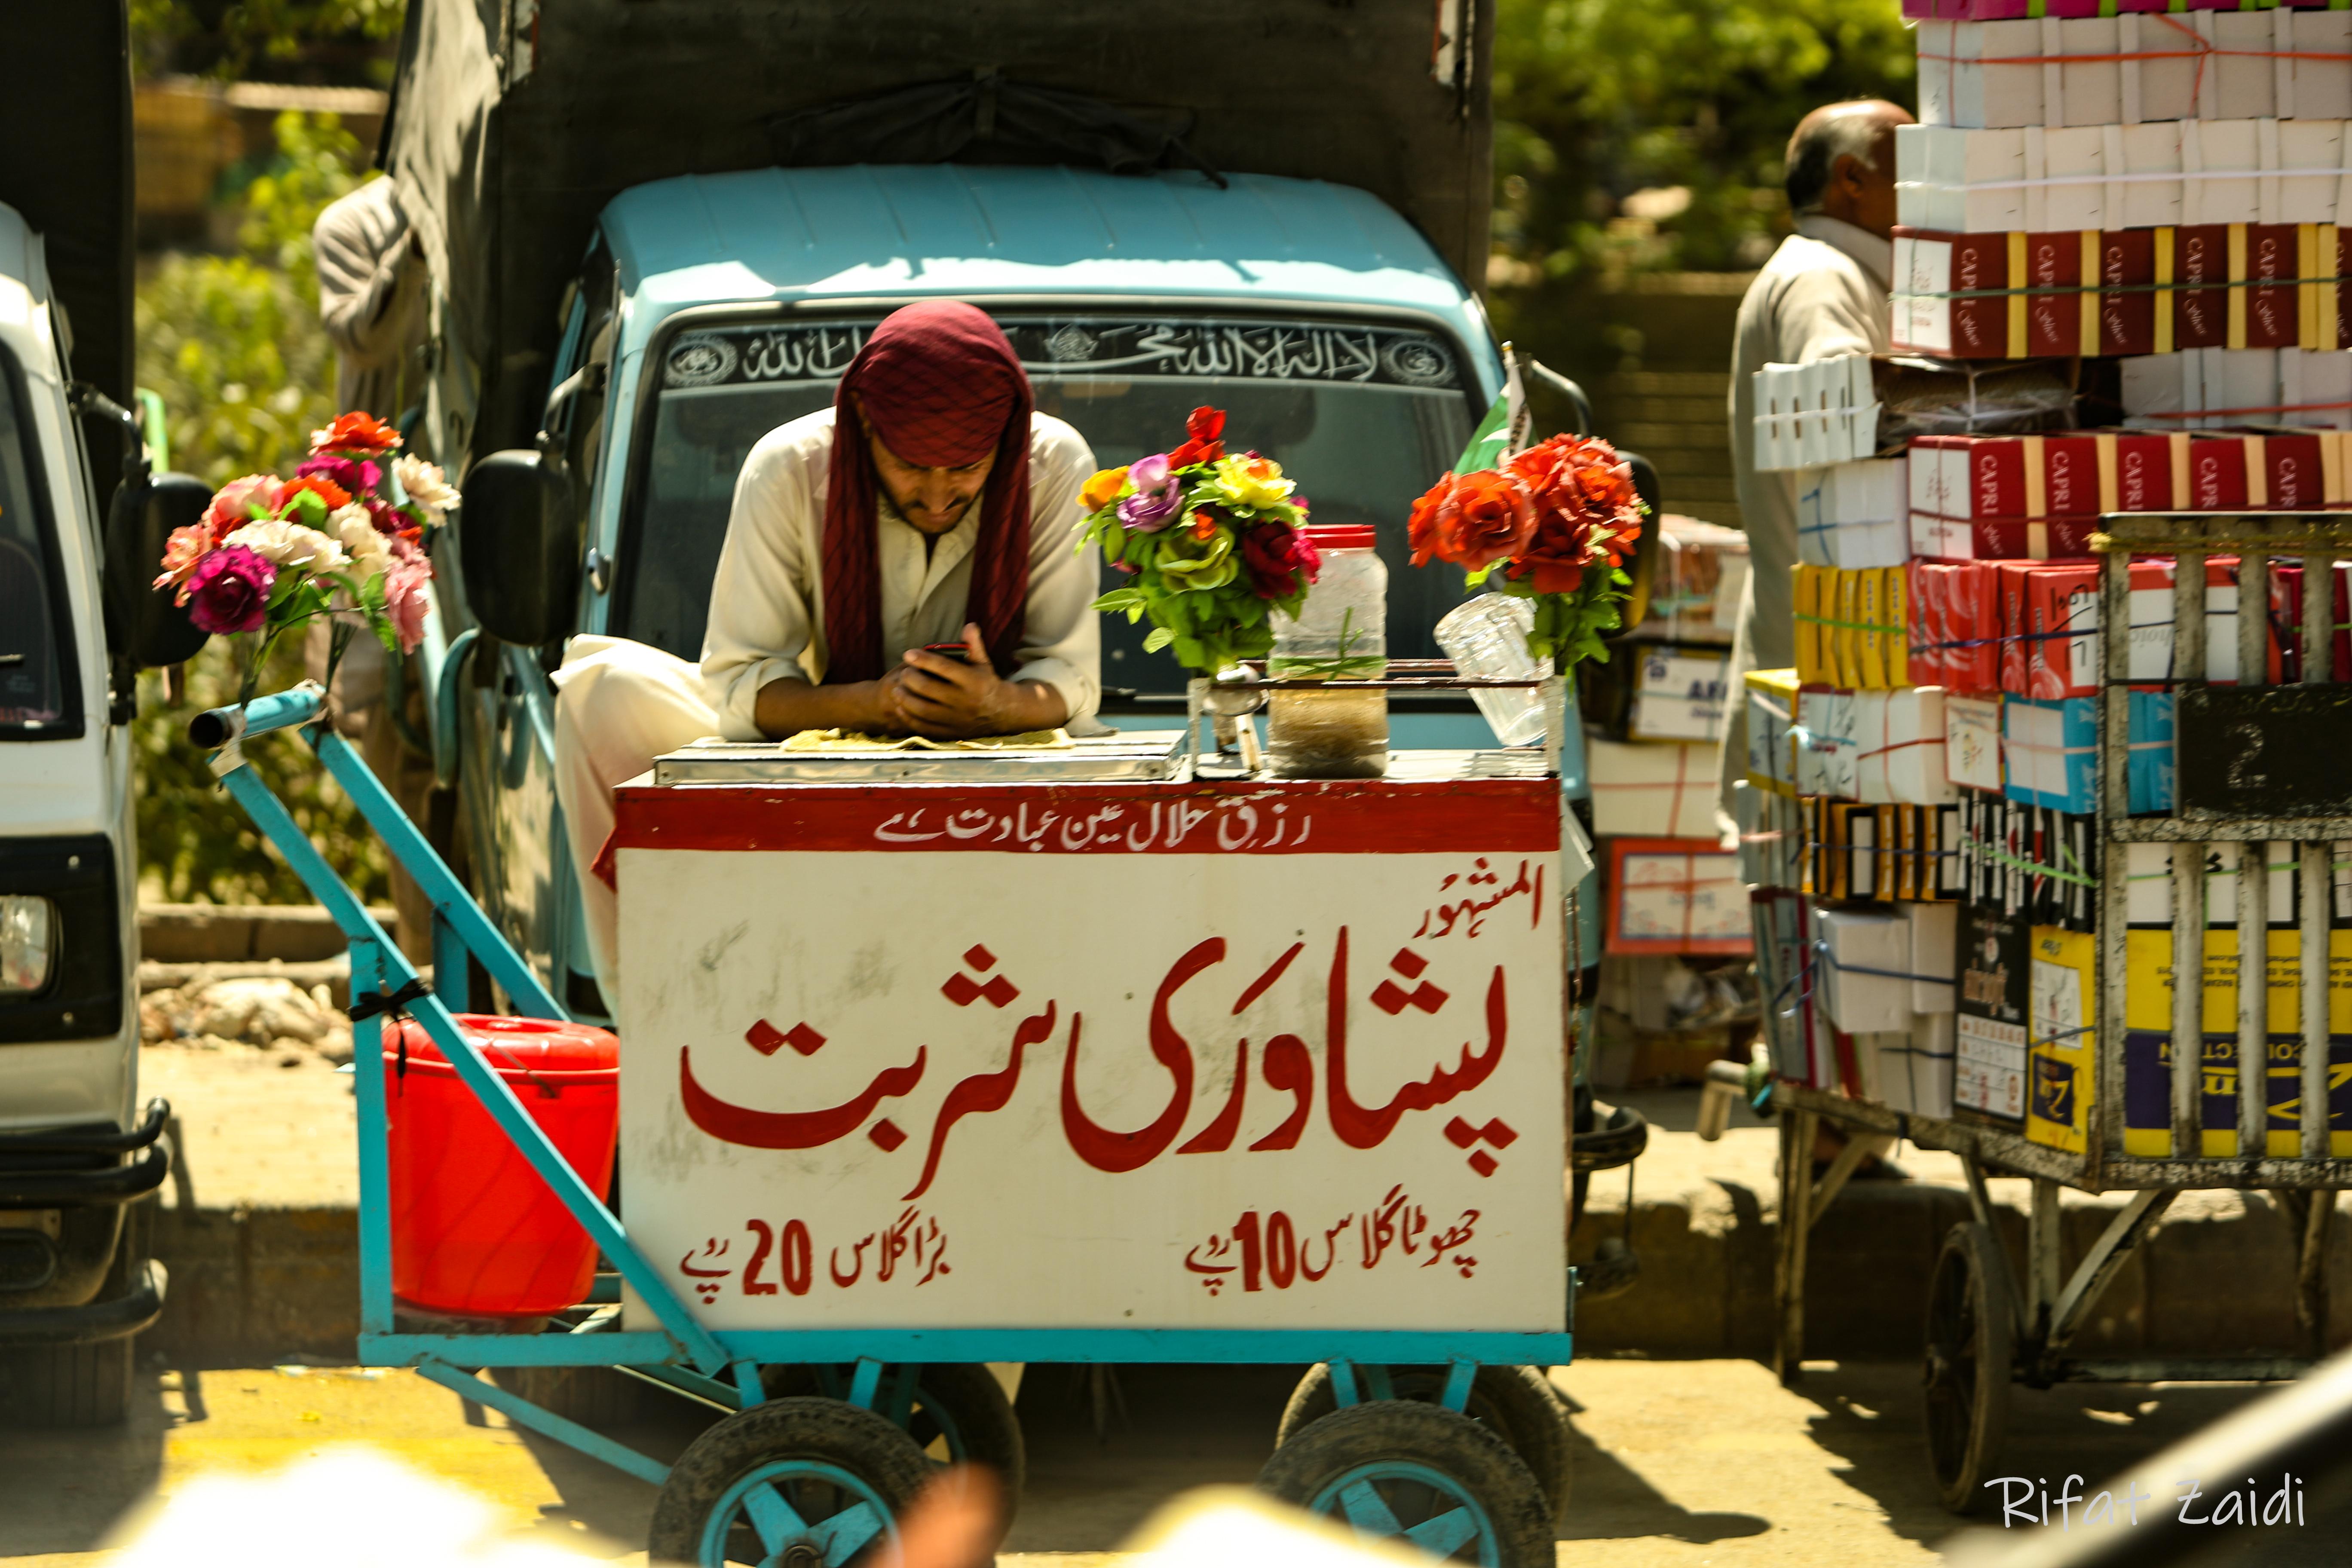 """hawking""""Peshawari Sherbet while surfing online"""